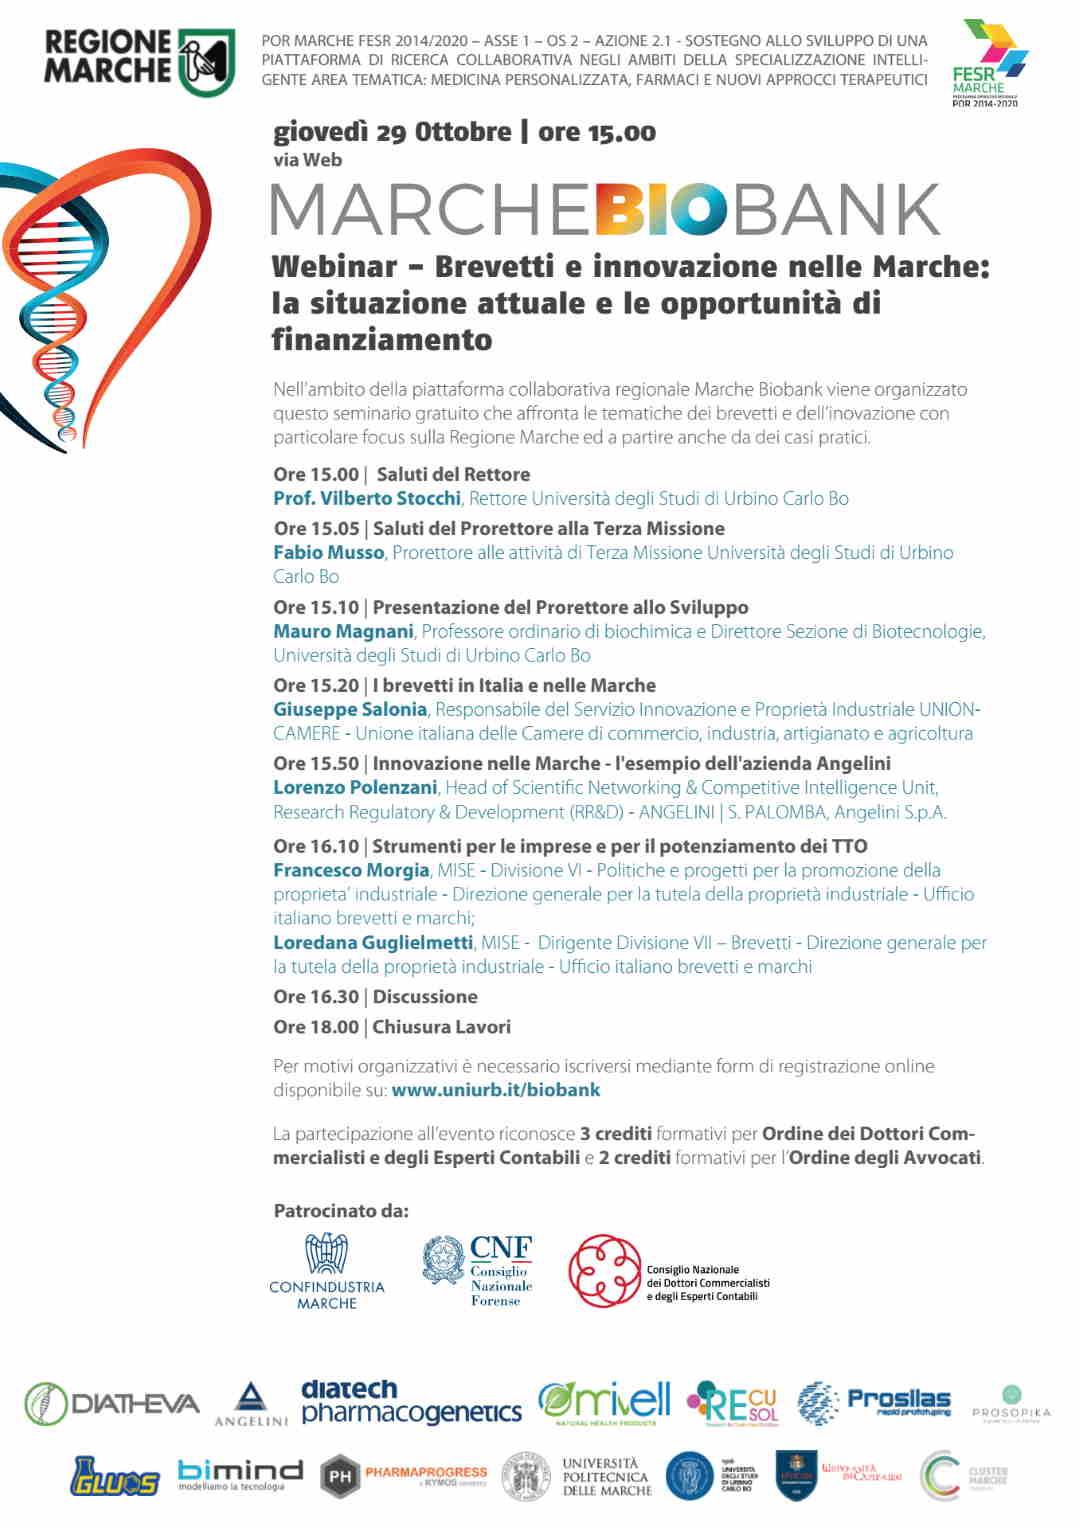 Brevetti e innovazione nelle Marche: la situazione attuale e le opportunità di finanziamento